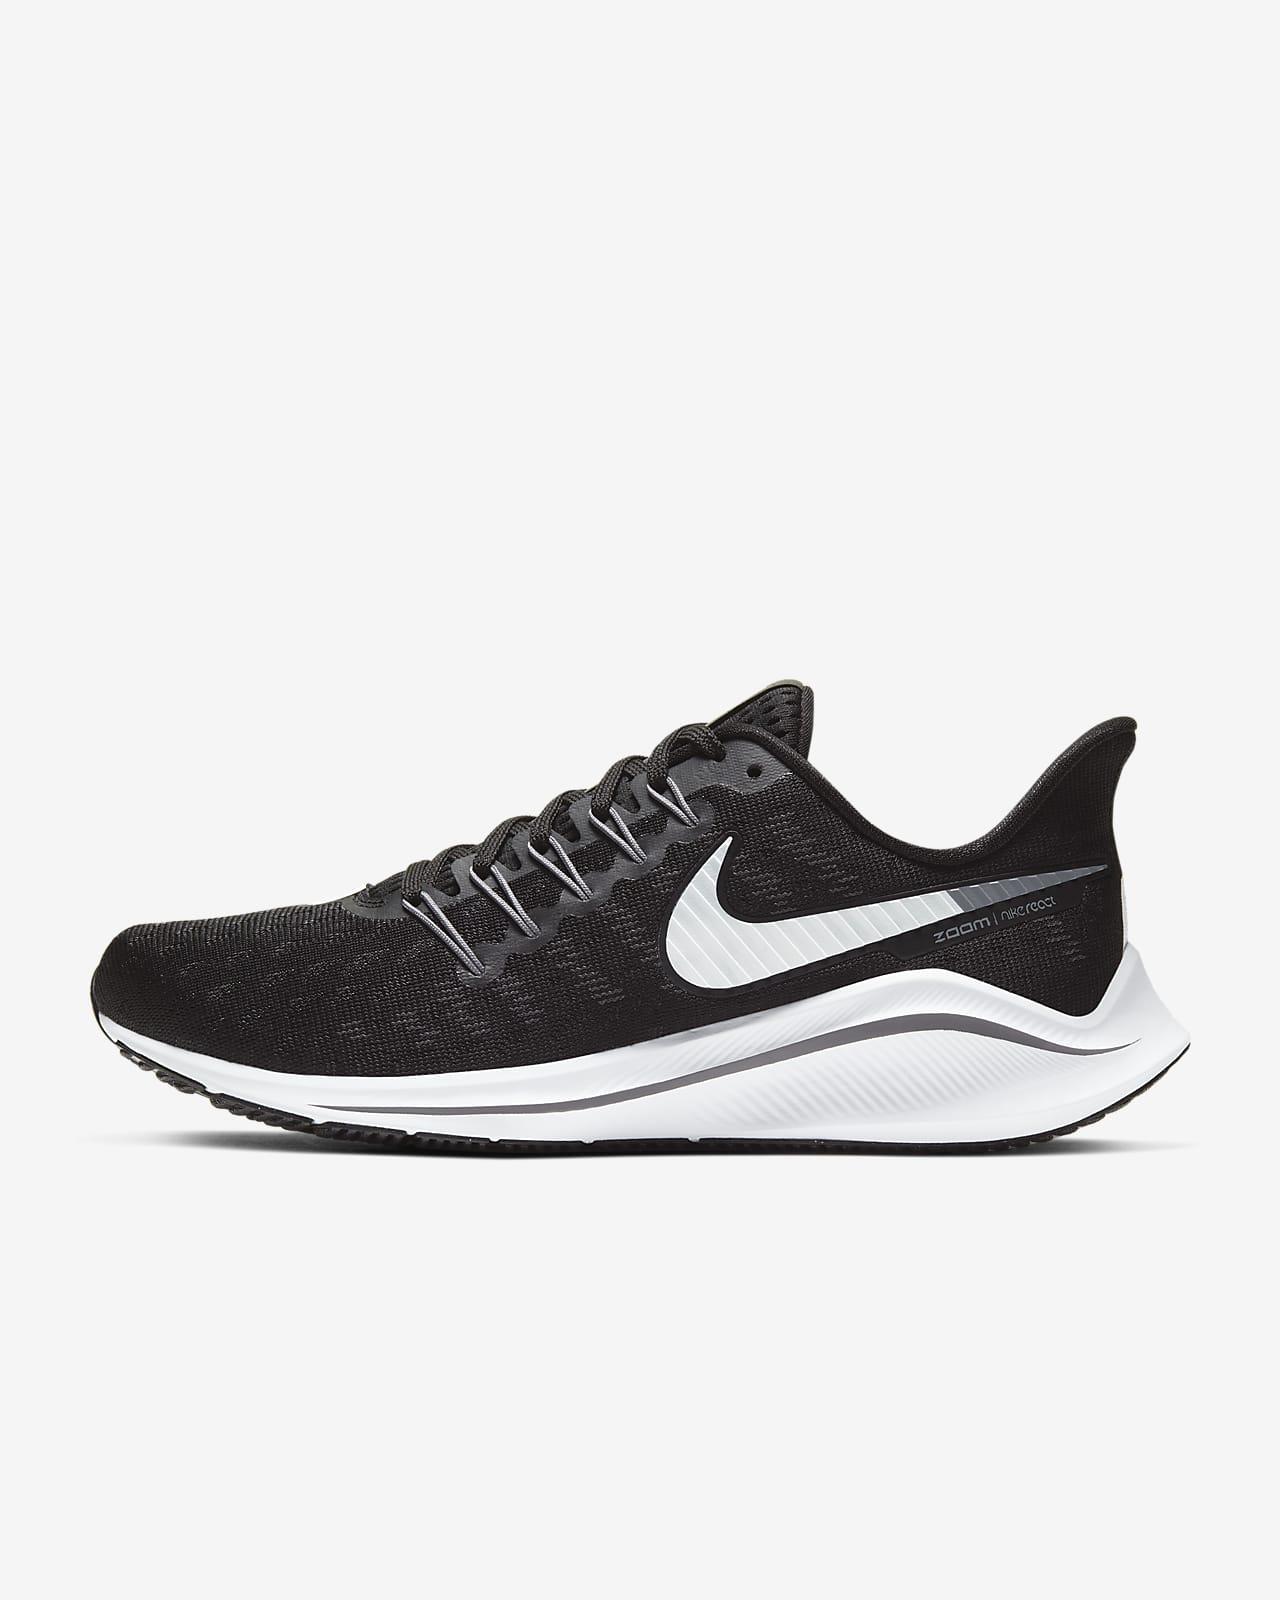 รองเท้าวิ่งผู้หญิง Nike Air Zoom Vomero 14